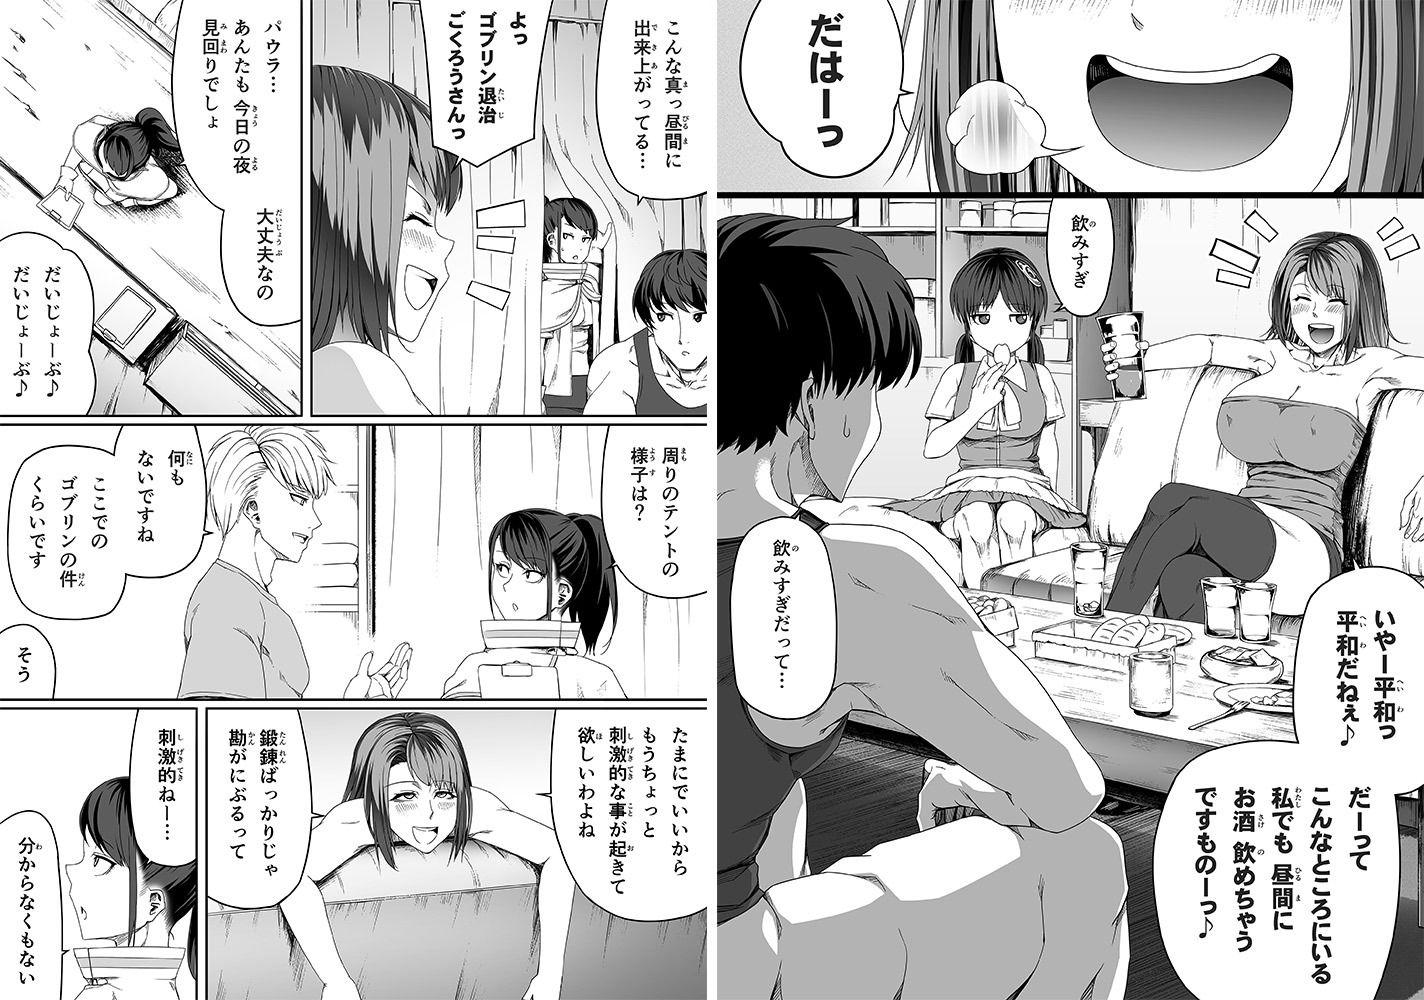 力あるサキュバスは性欲を満たしたいだけ 4【同人エロ漫画】(Road=ロード=)2